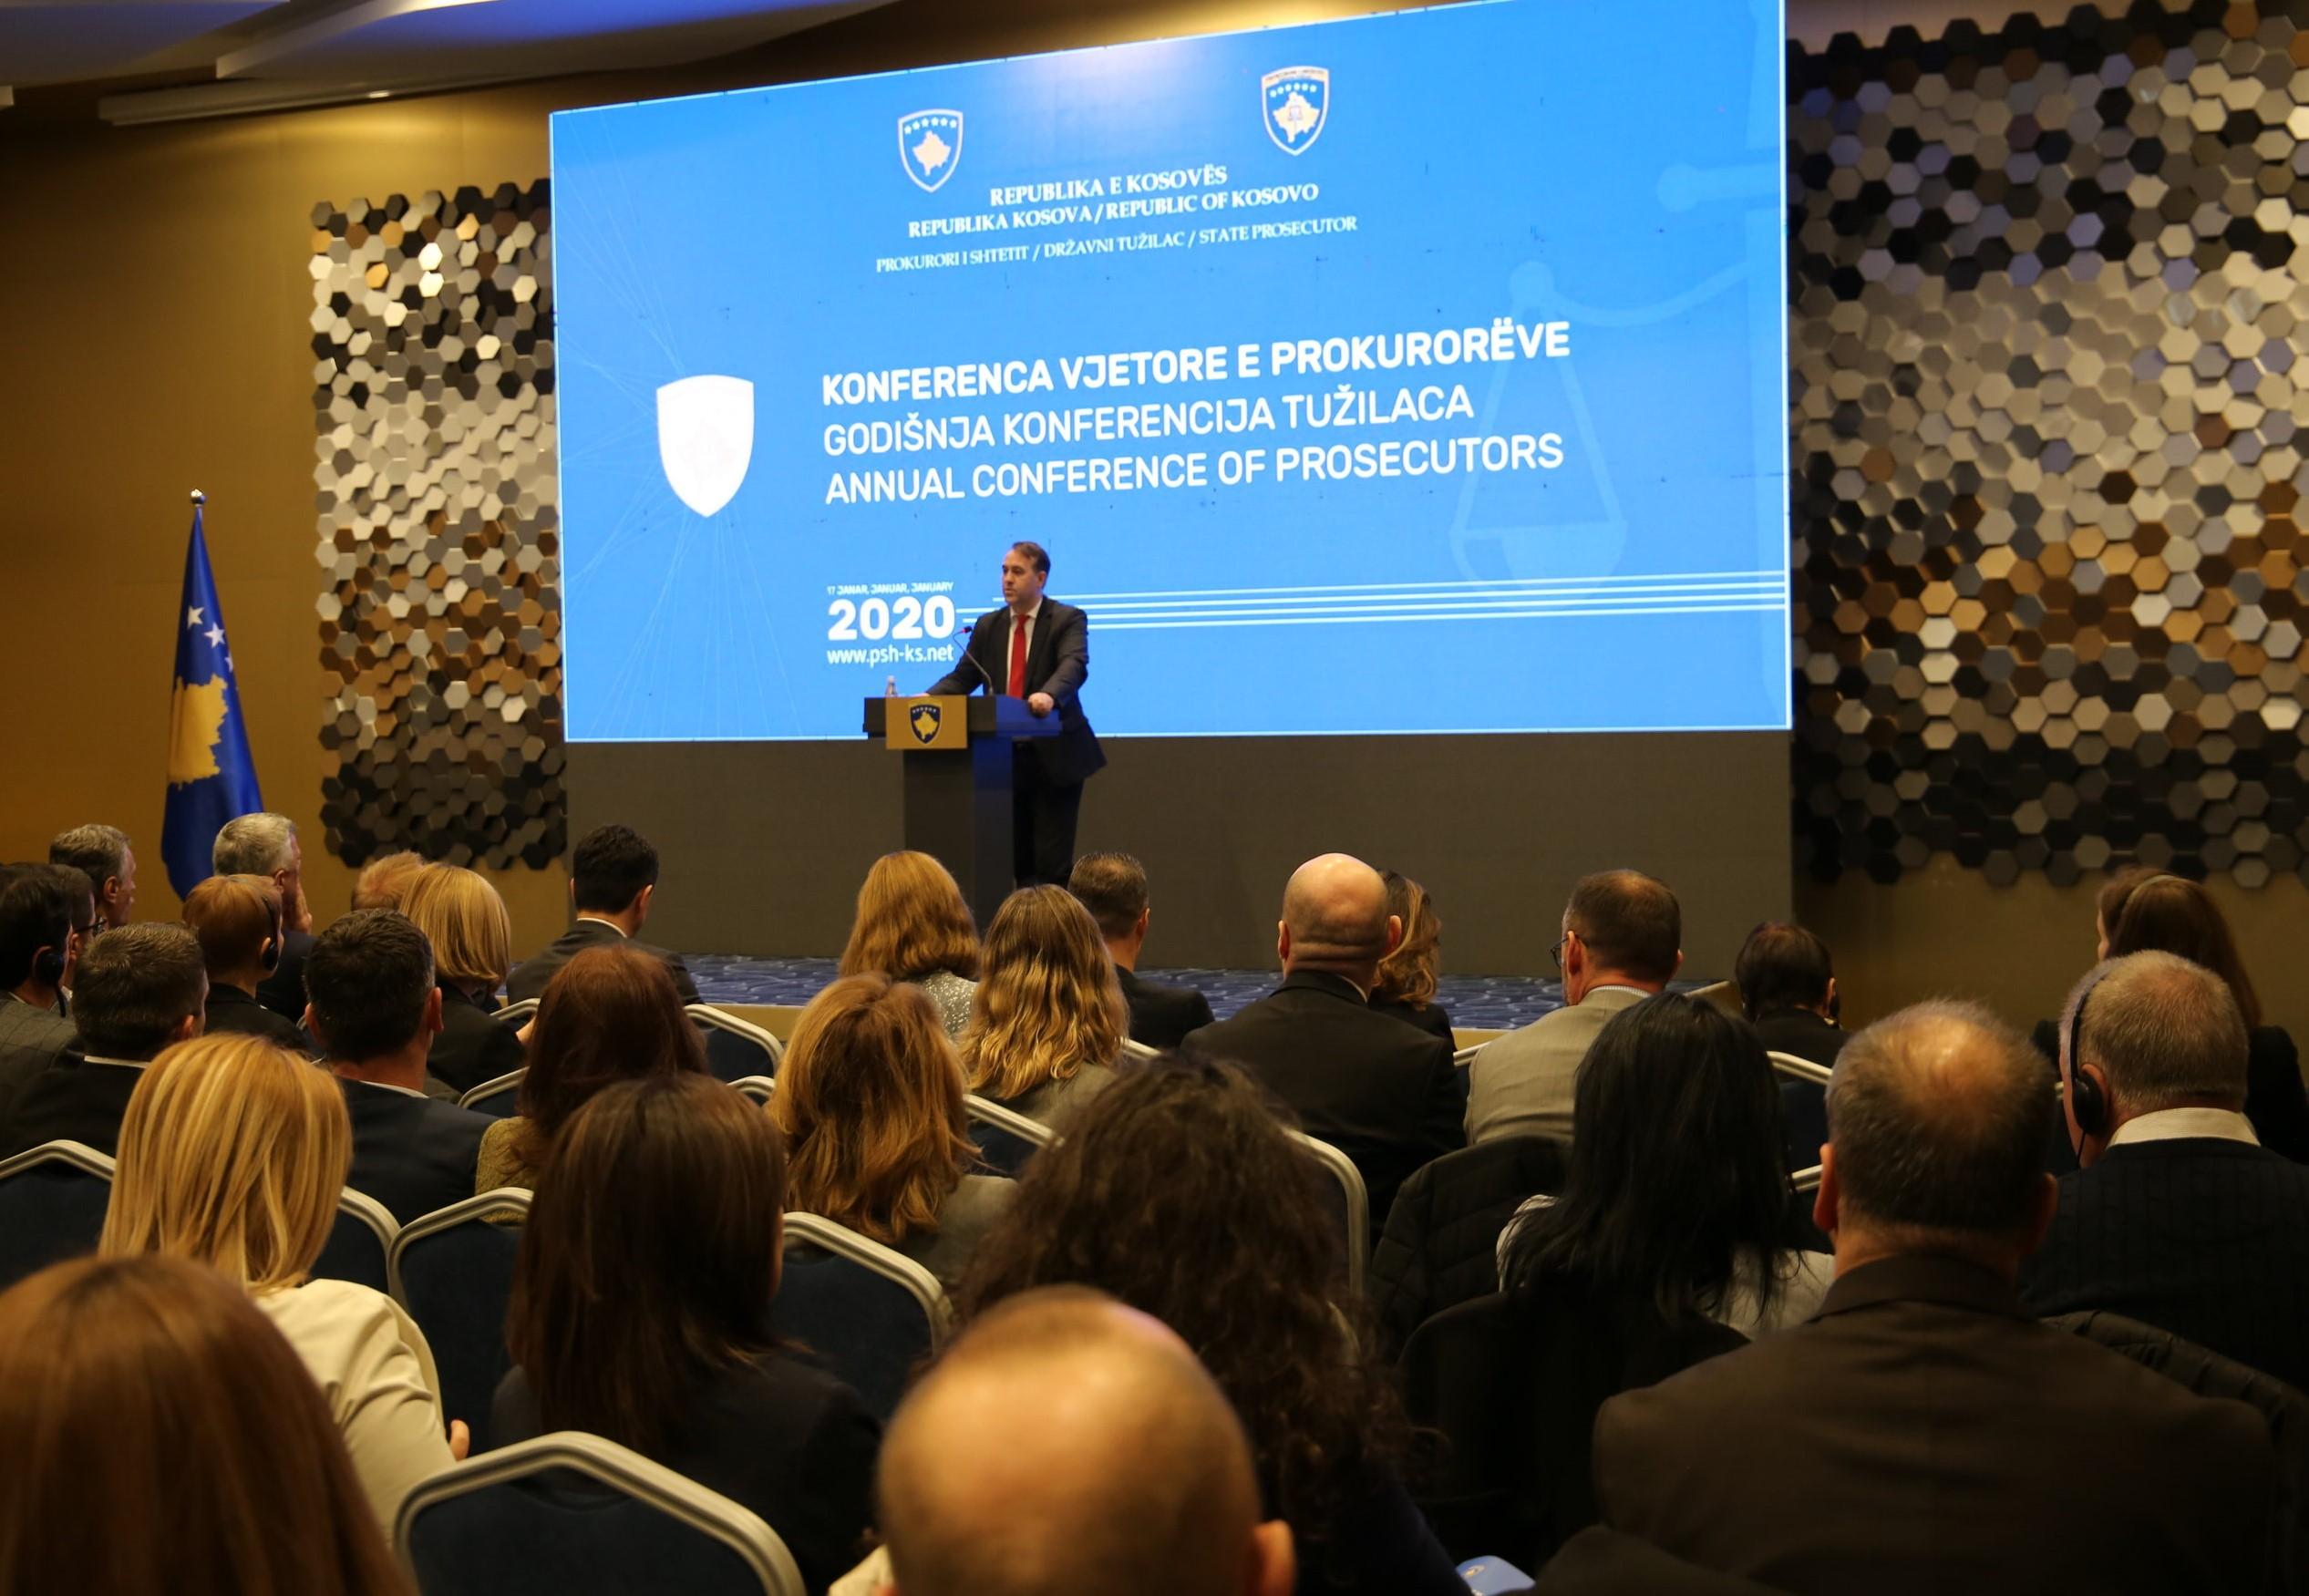 Kryesuesi Hyseni: Kemi aplikuar standarde të larta në rekrutimin, vlerësimin, disiplinimin dhe trajnimin e prokurorëve